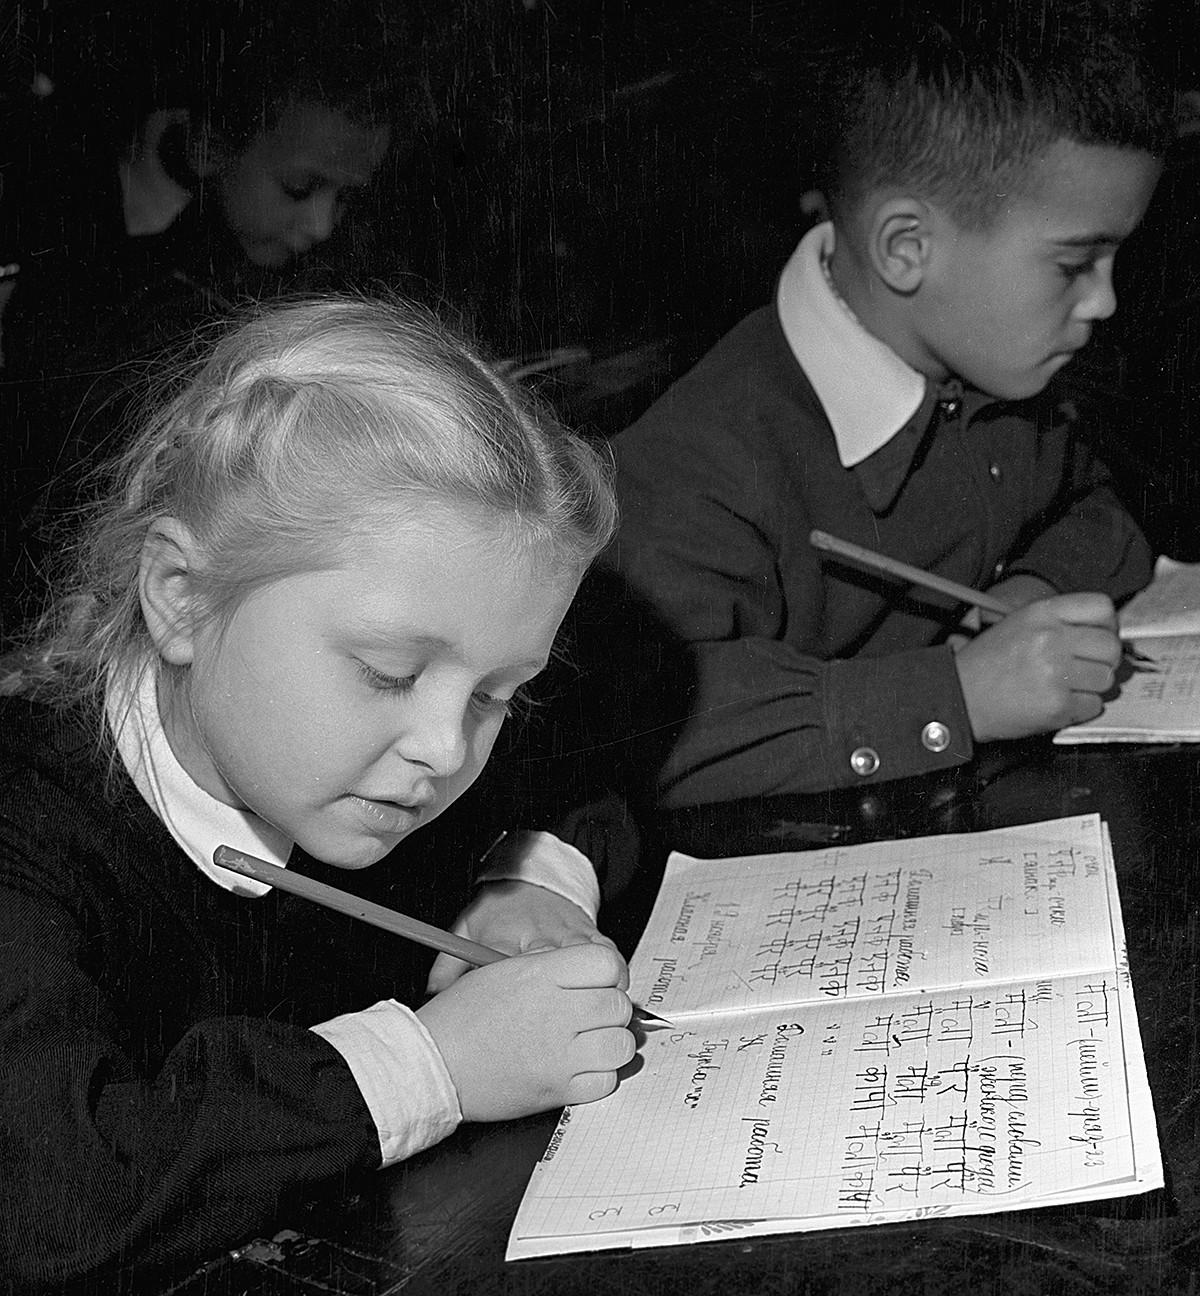 Šolarji pri pouku. 1959